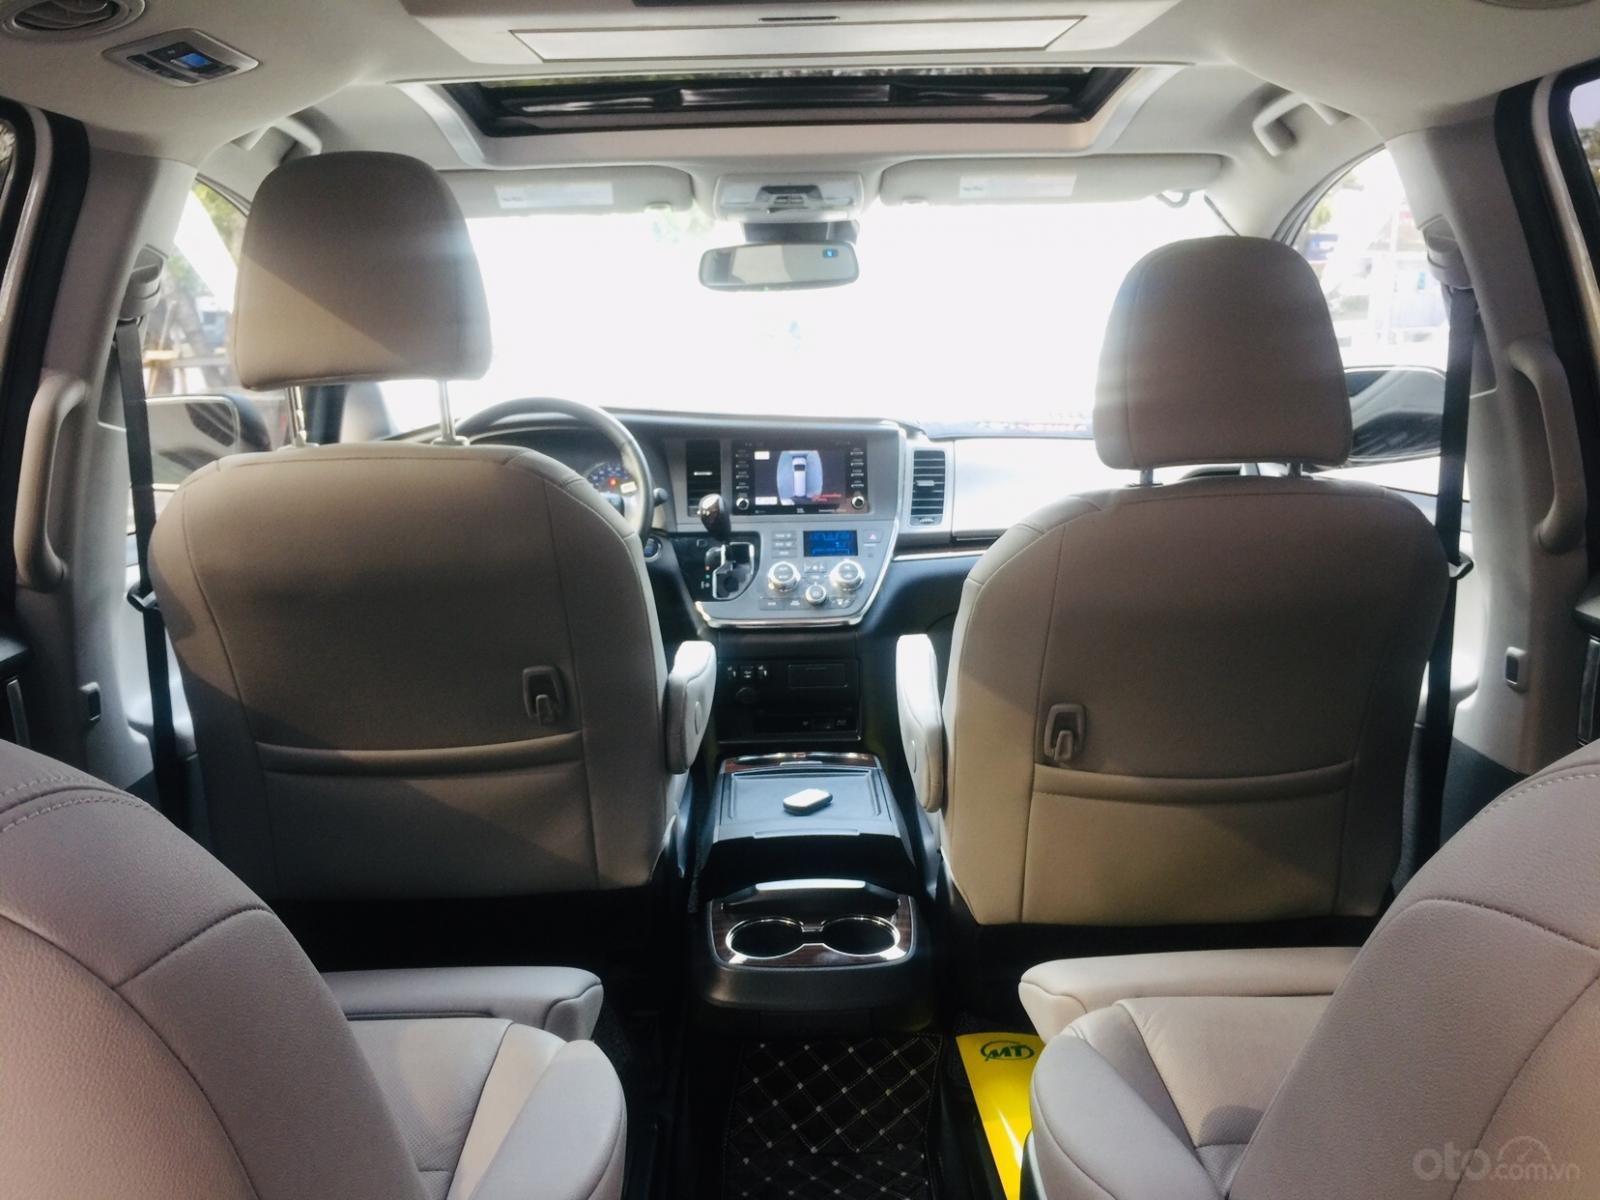 Bán xe Toyota Sienna Limited sản xuất 2018, siêu lướt, giao xe toàn quốc, LH Ms Ngọc Vy 093.996.2368 (17)